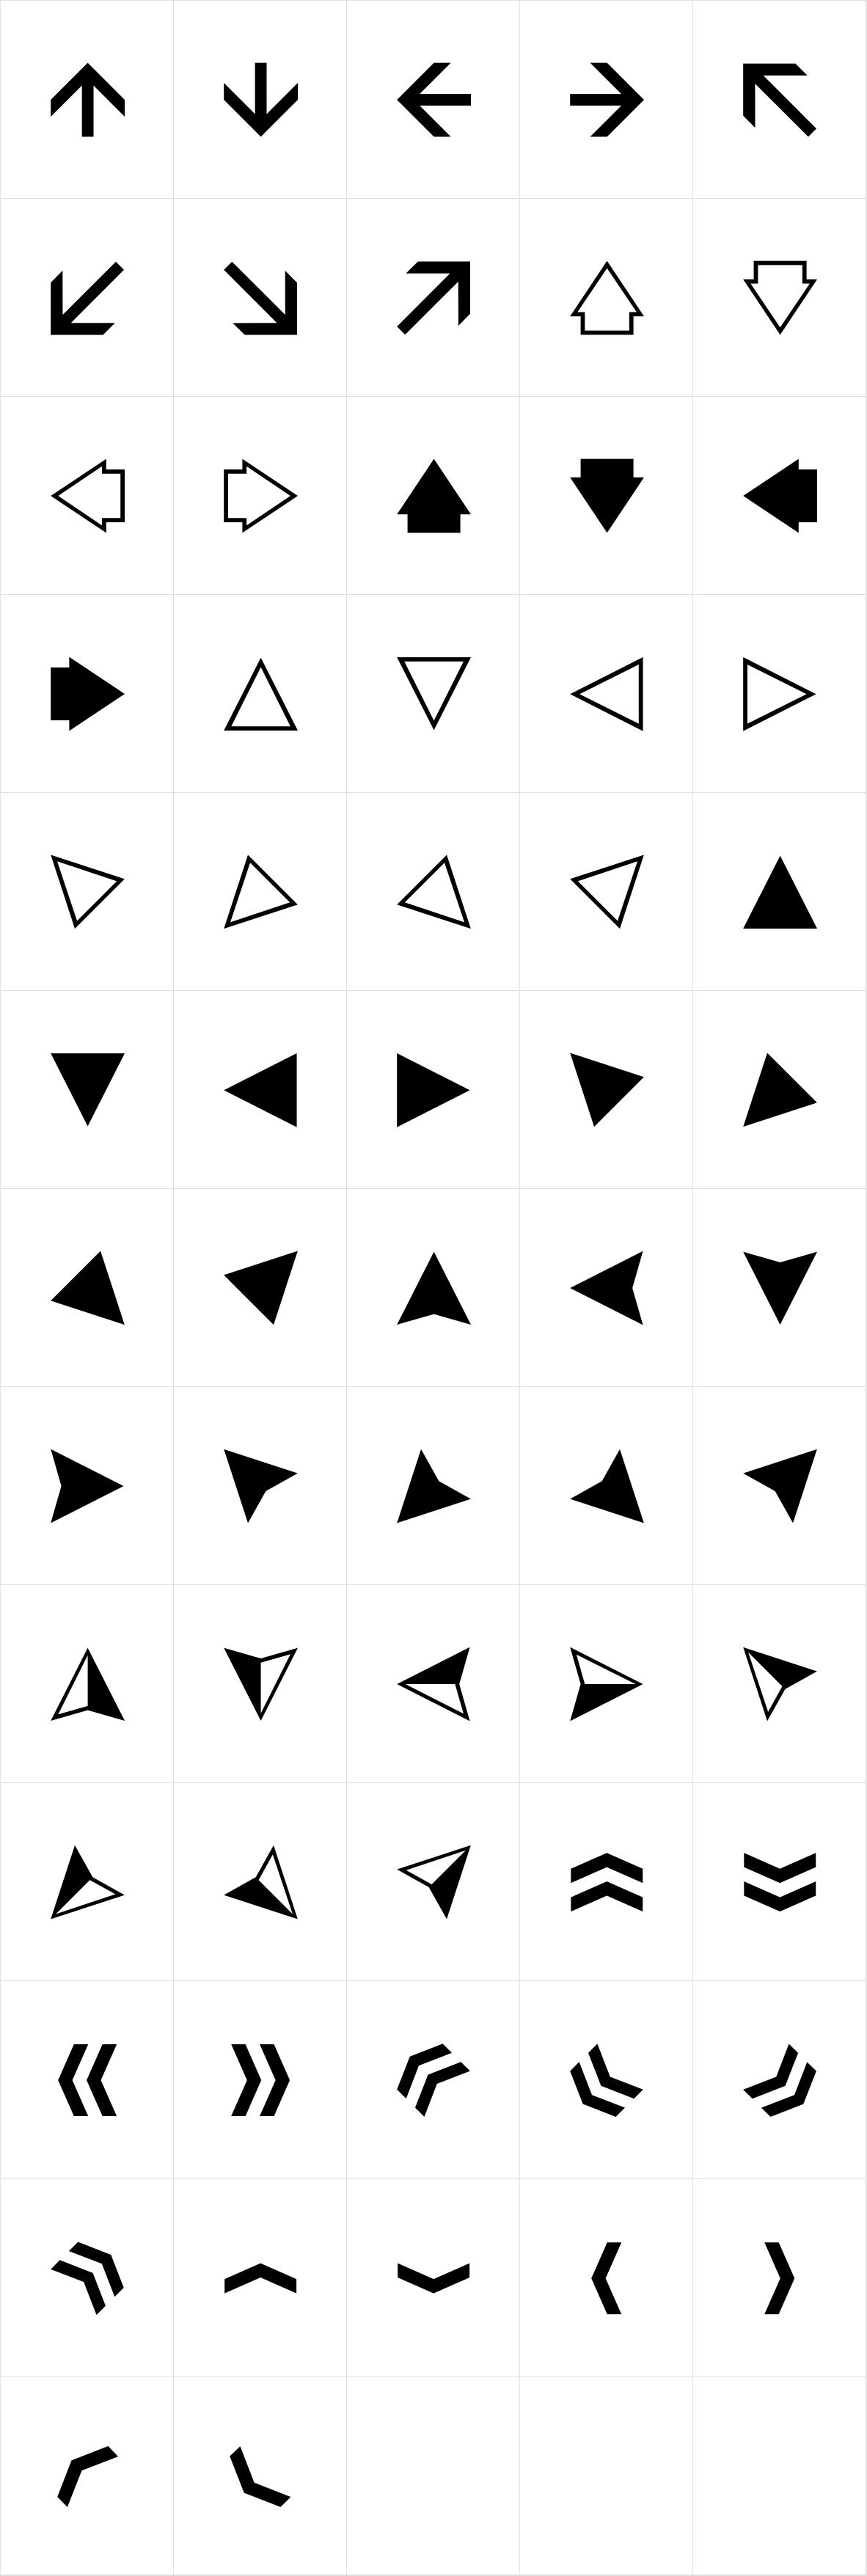 Acta Symbols Arrows